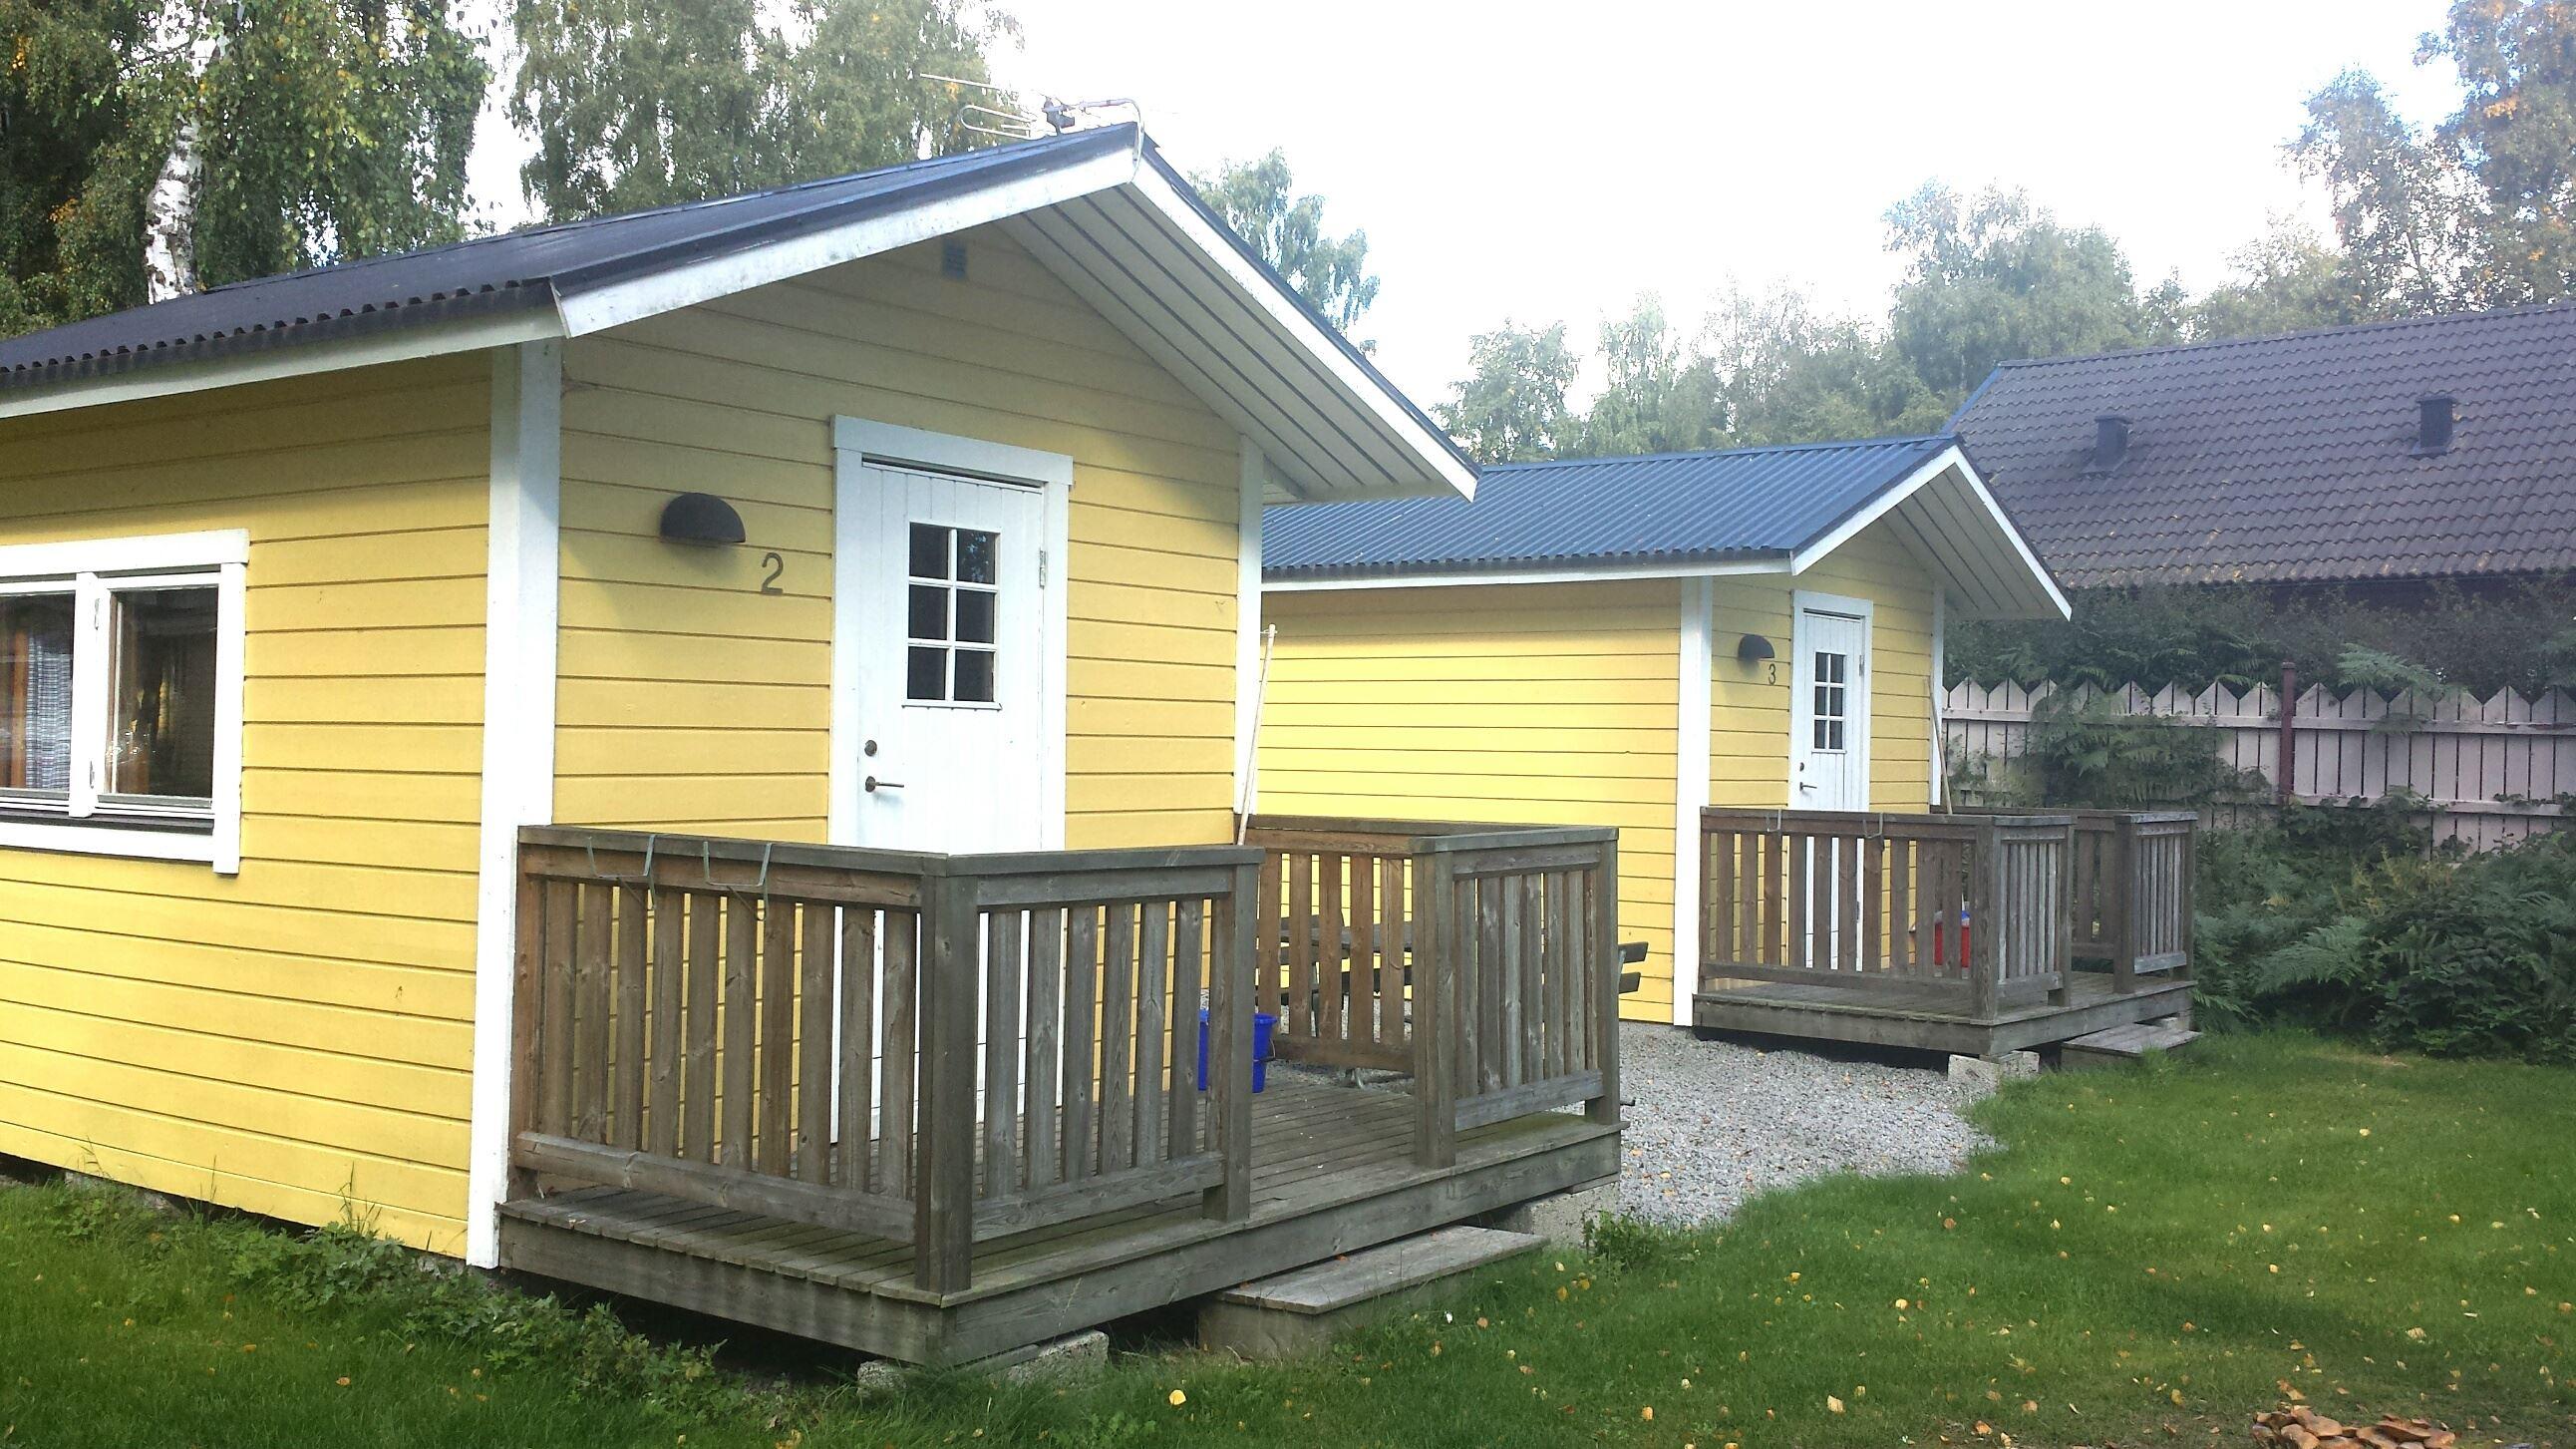 Alholmens Bad & Camping / Stugor